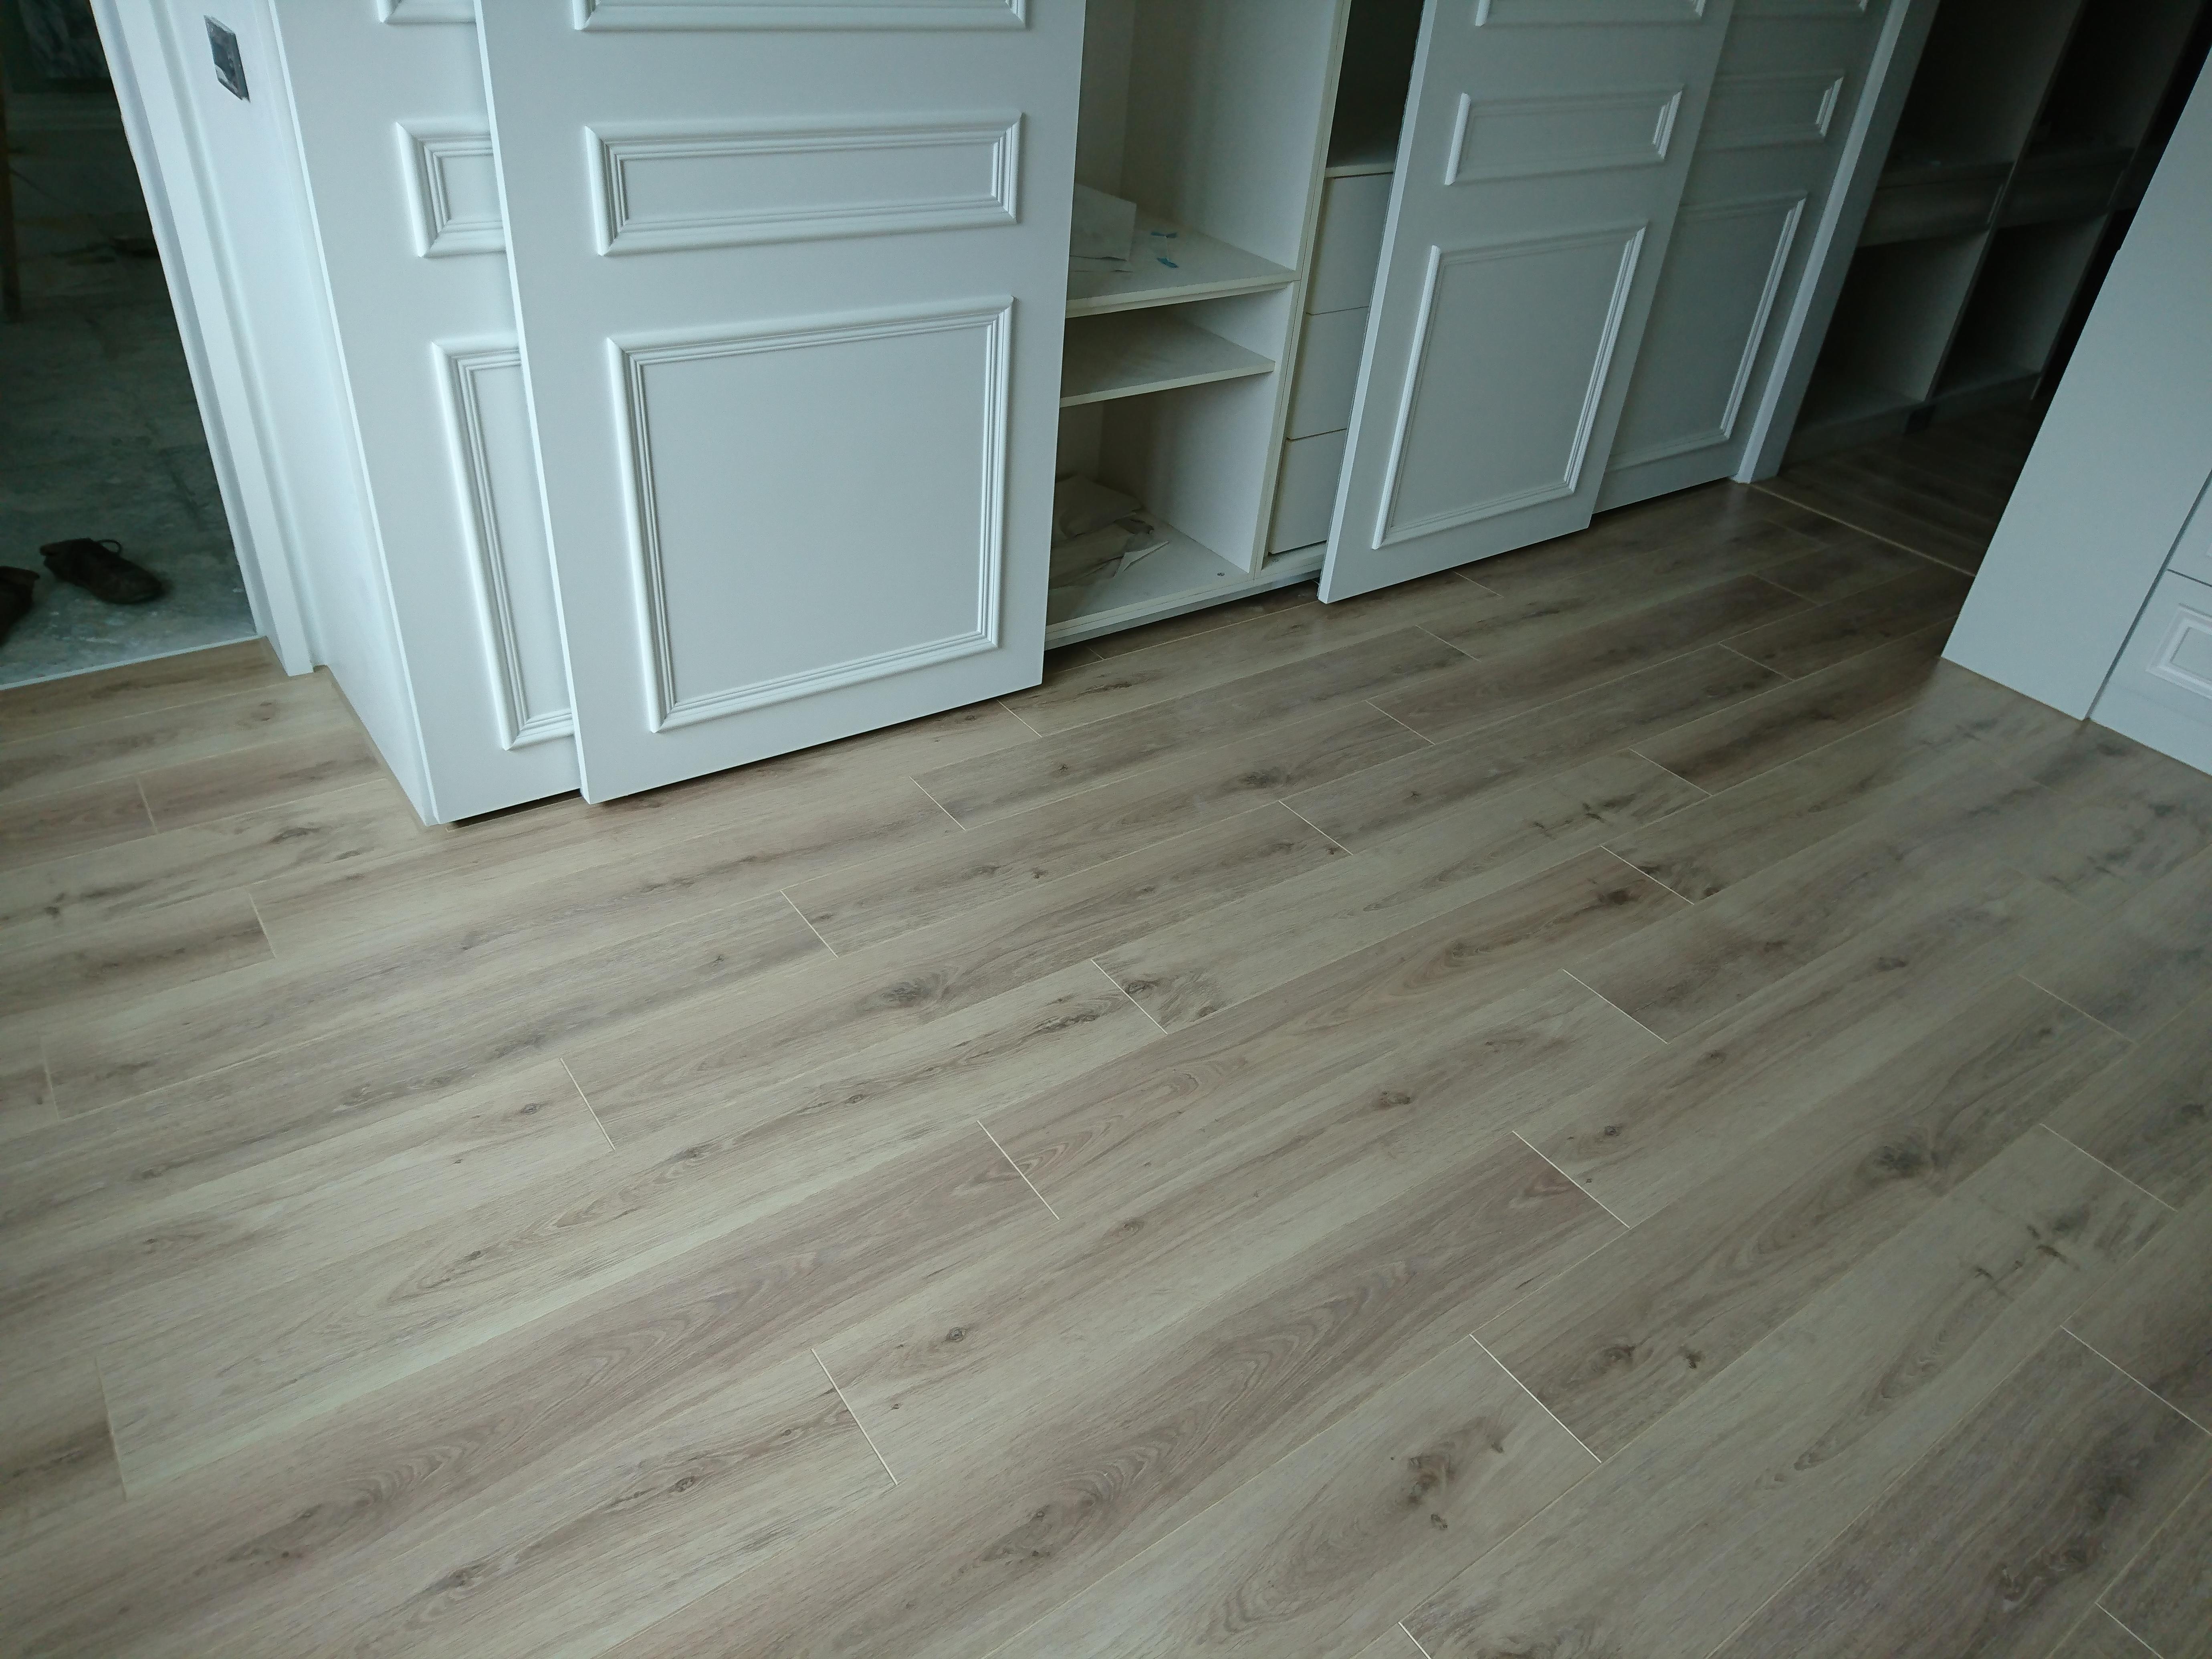 Vitality 超耐磨地板(比利時原裝進口) 洗白橡木491(南港)